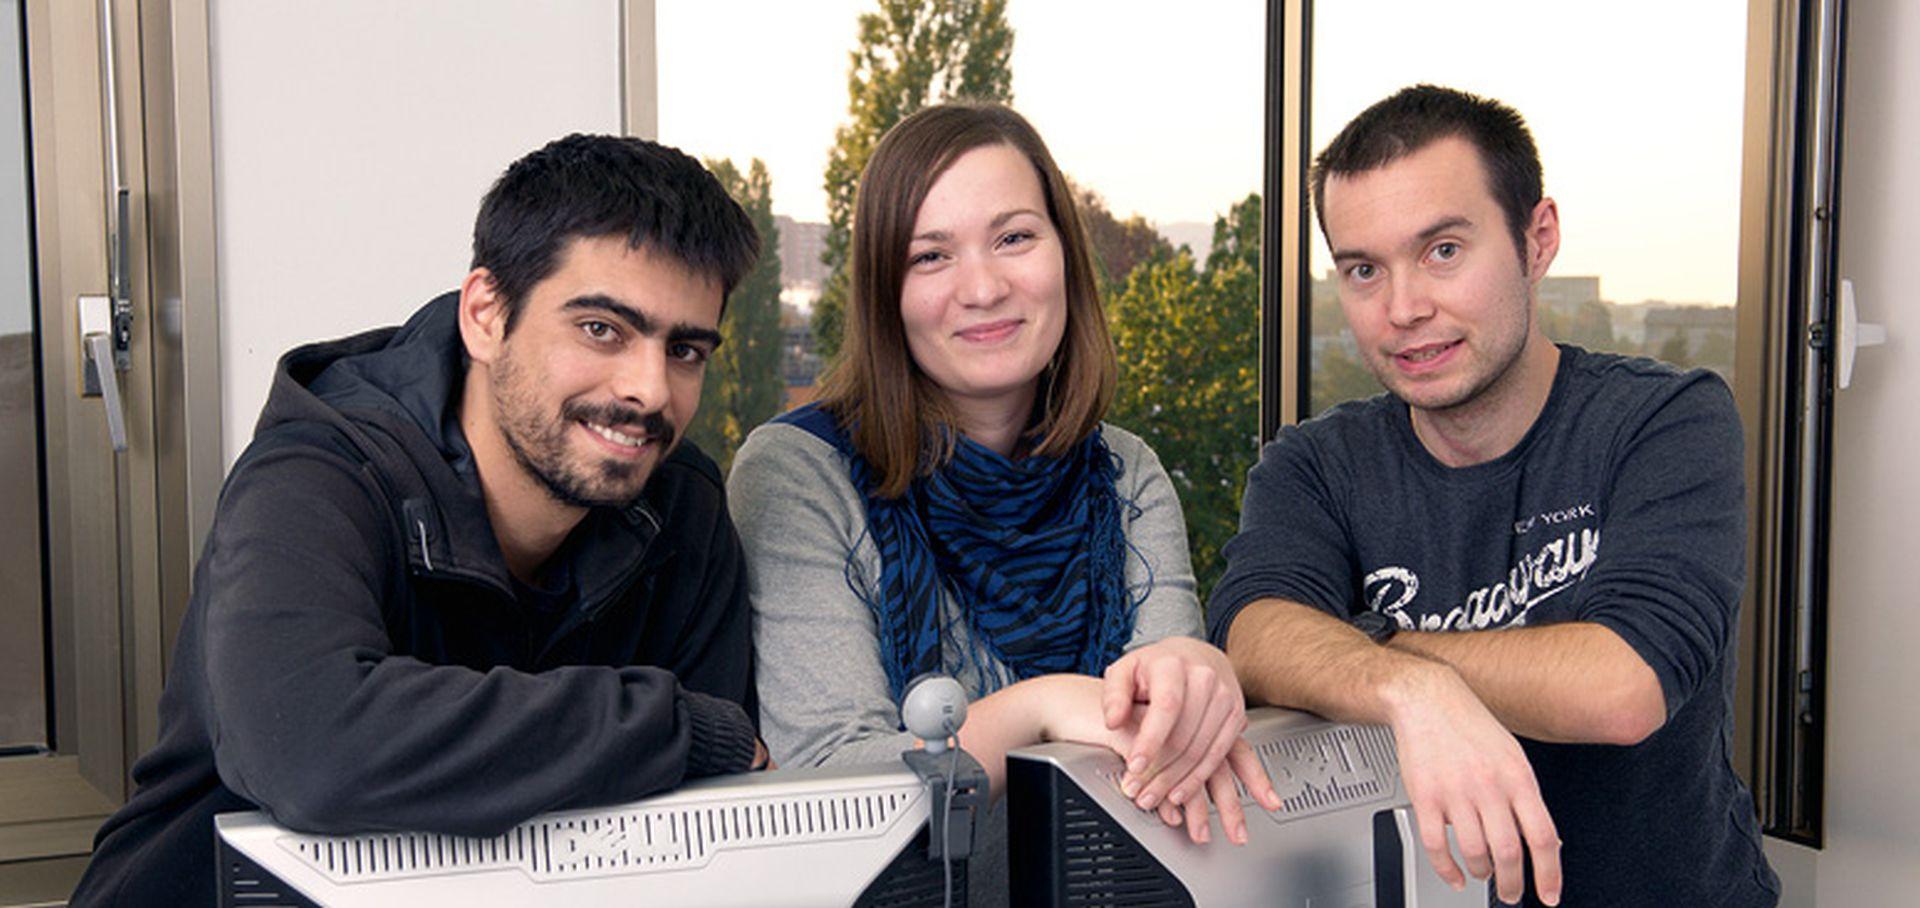 DOSSIER: STARTUP Država ulaže u mlade inovatore